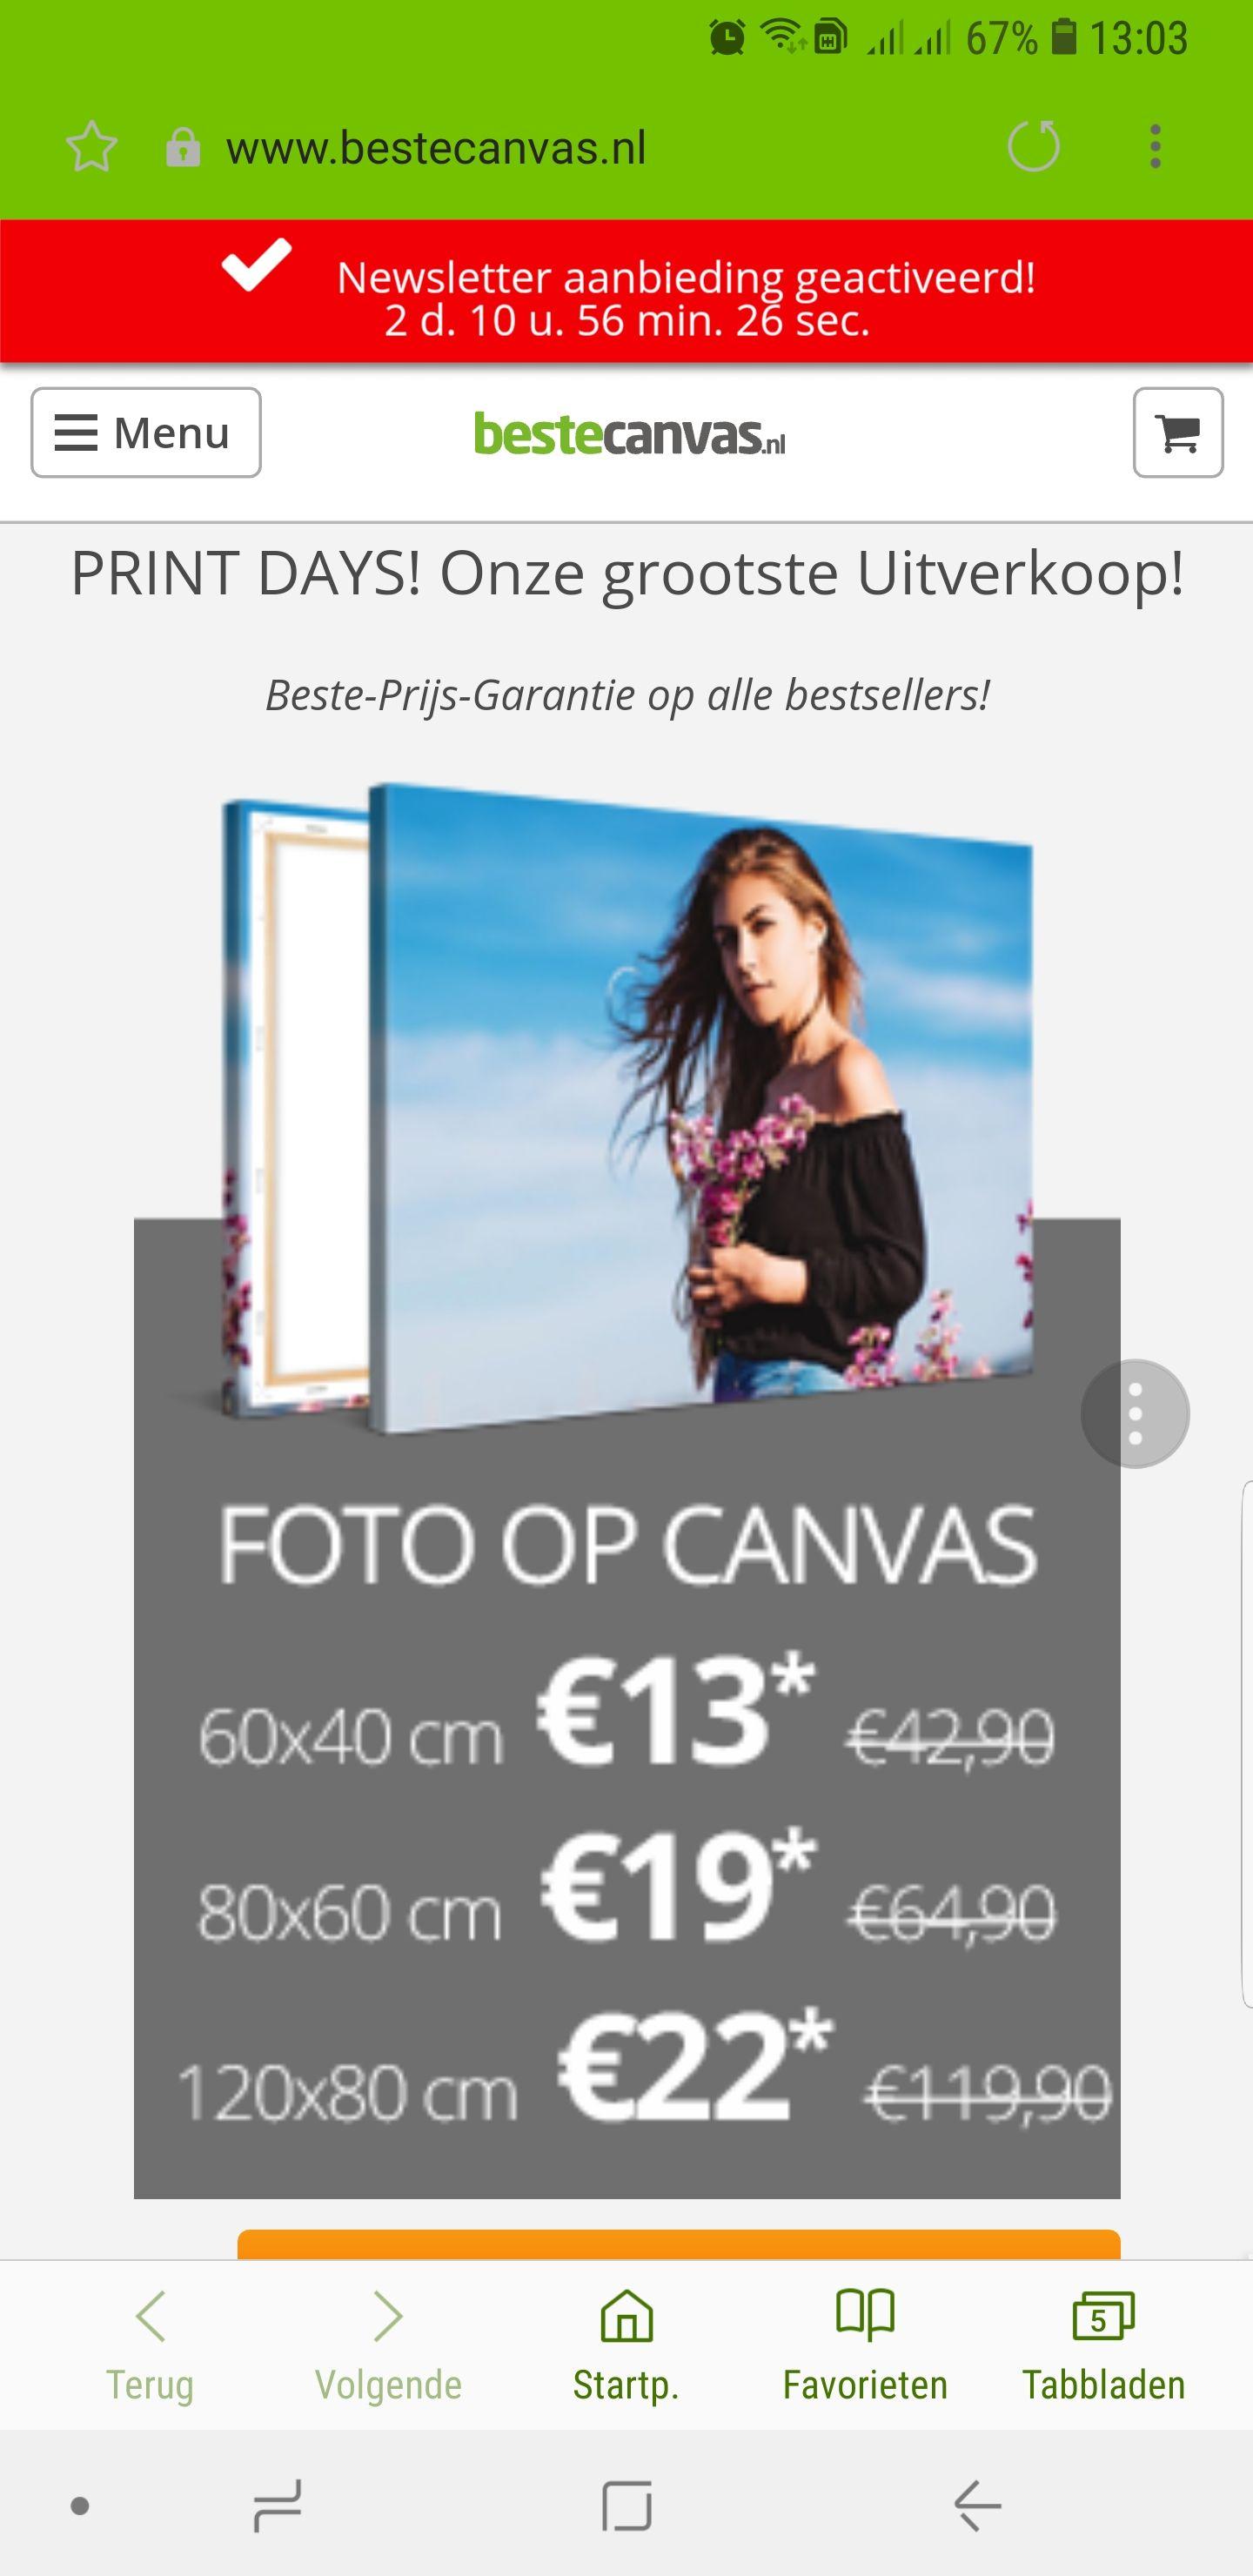 Foto op Canvas 60x40 voor €13.00 of Plexi of Aluminium €19,- Ook andere formaten